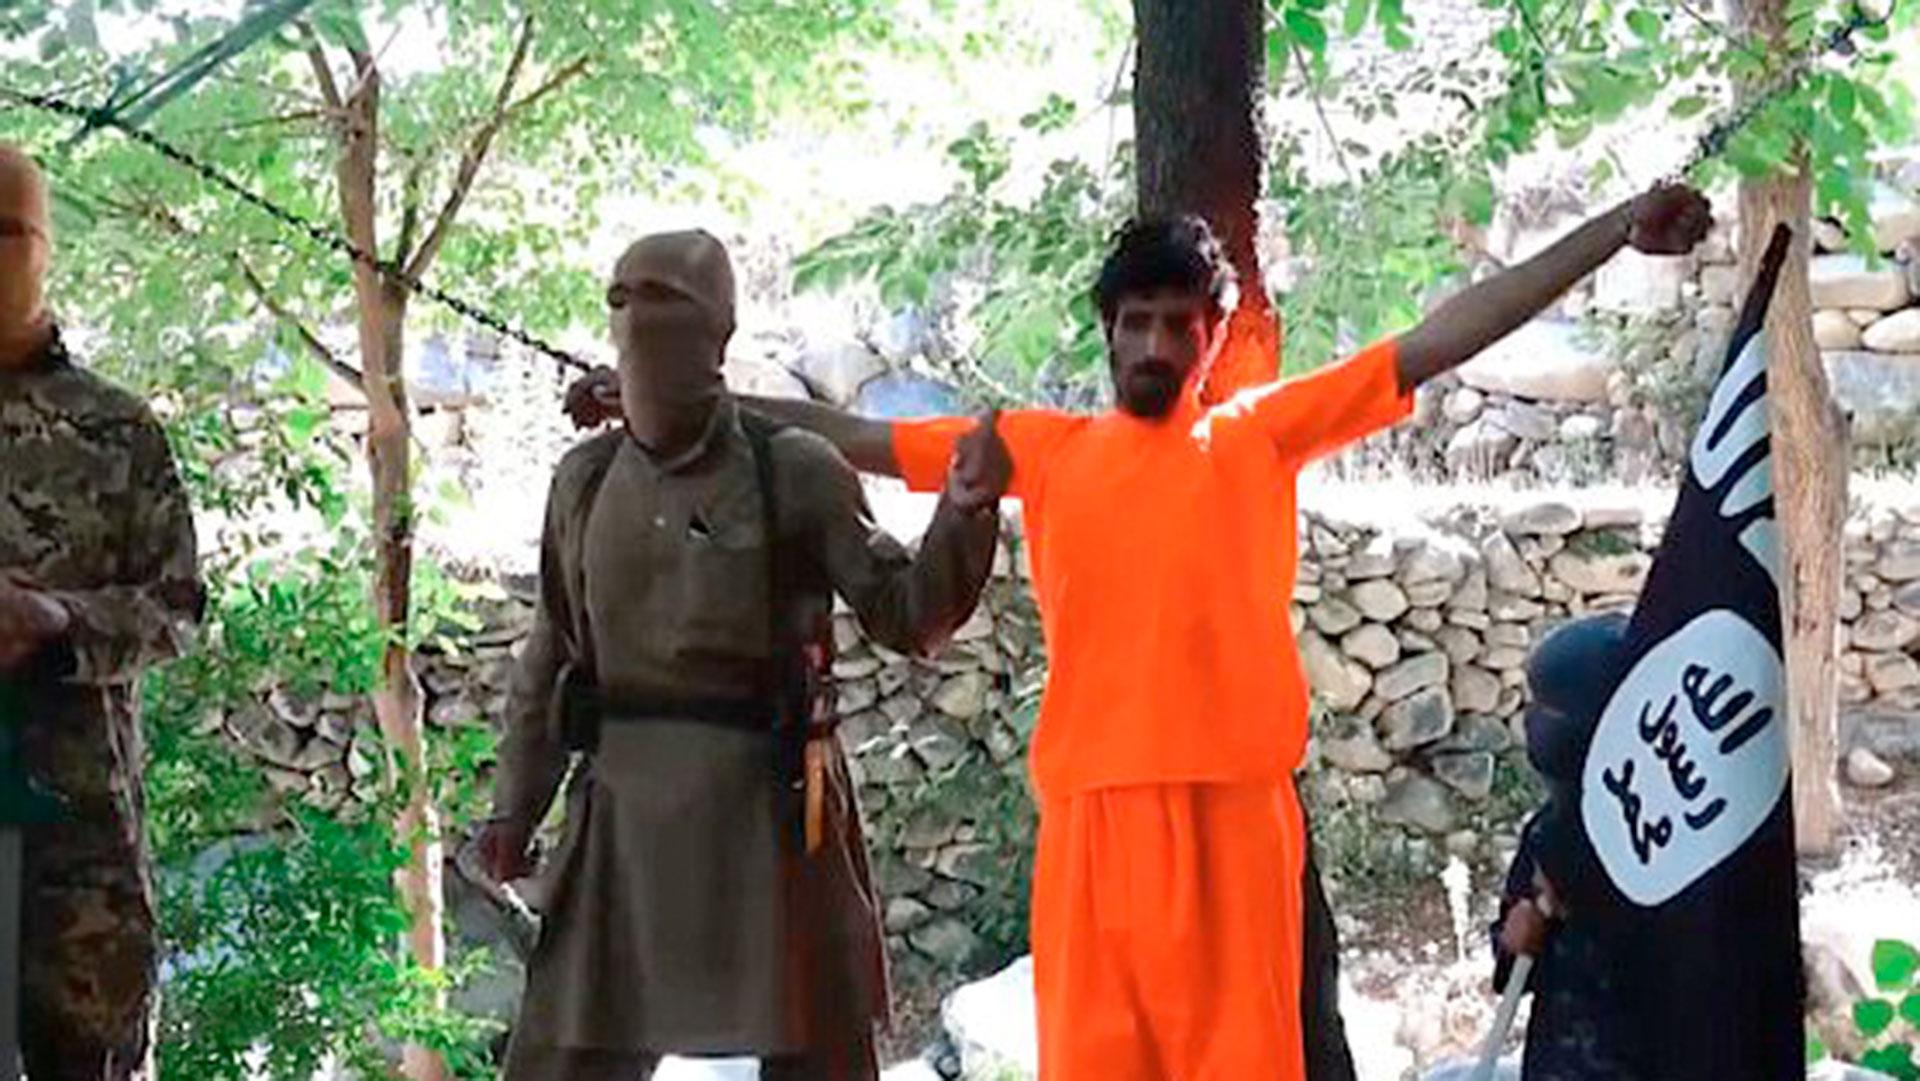 Mohammed presenció las ejecuciones públicas del ISIS, que por la noche reportaba al mundo